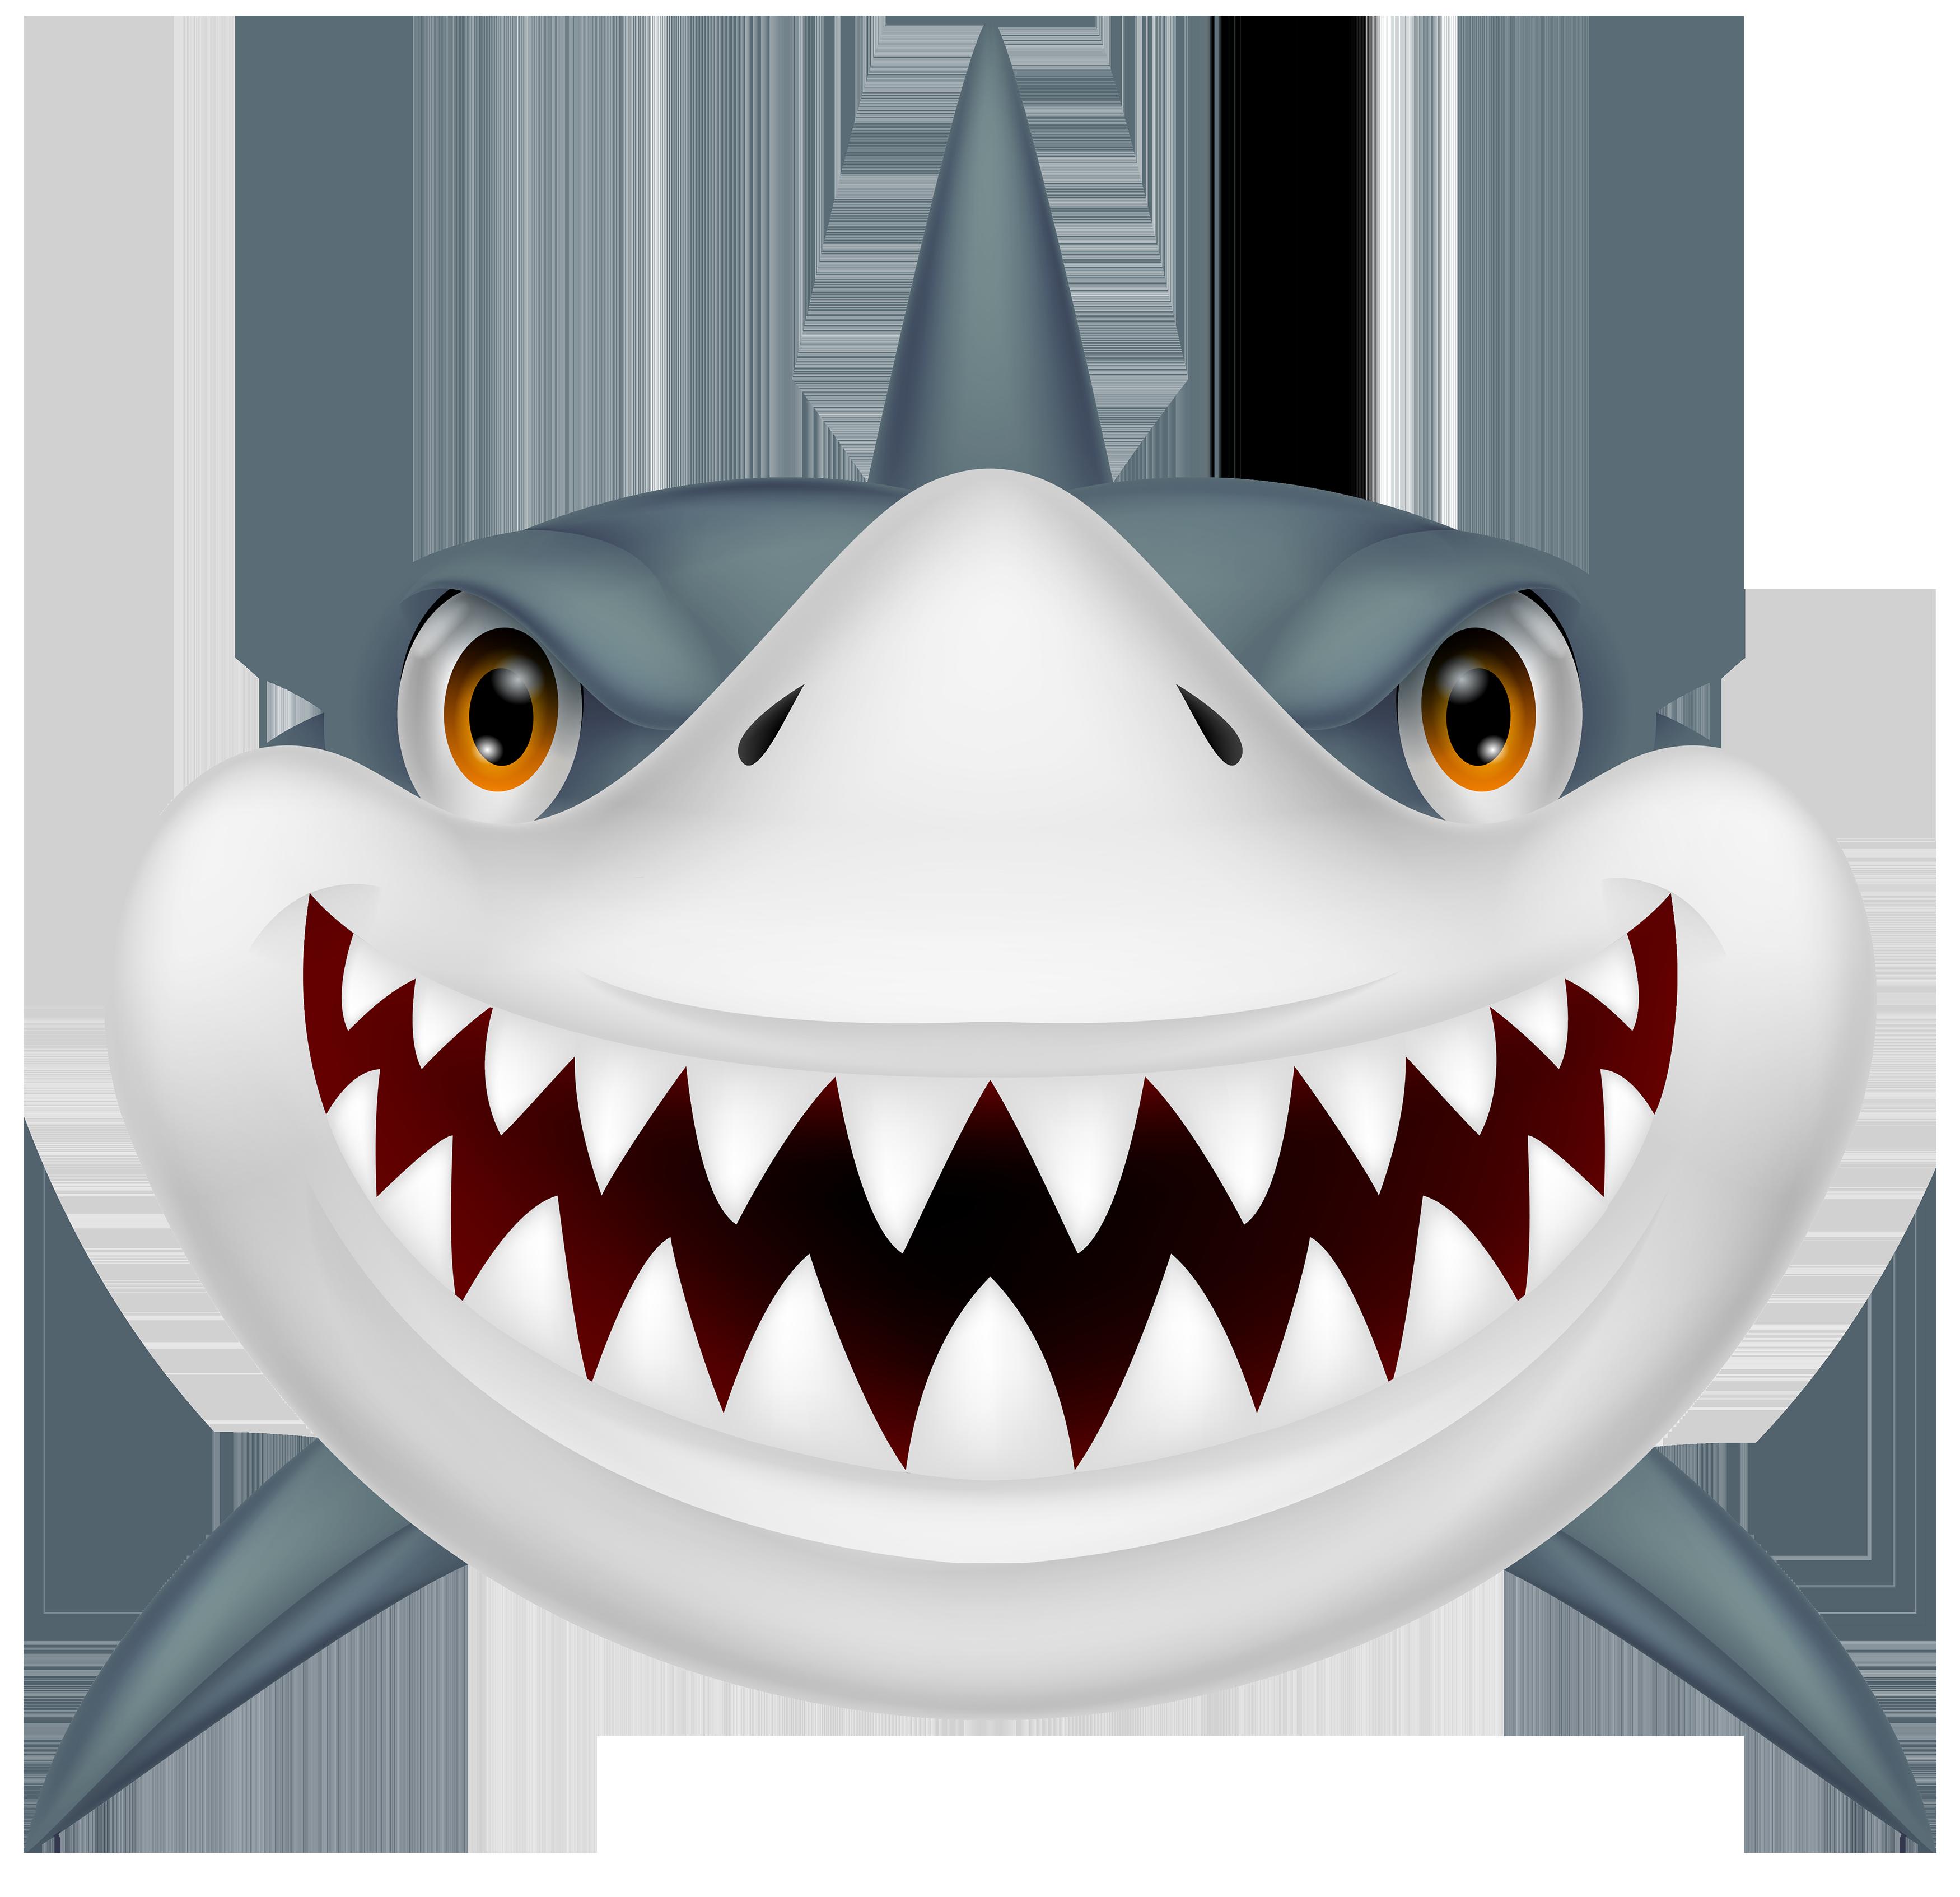 A shark with sharp teeth.